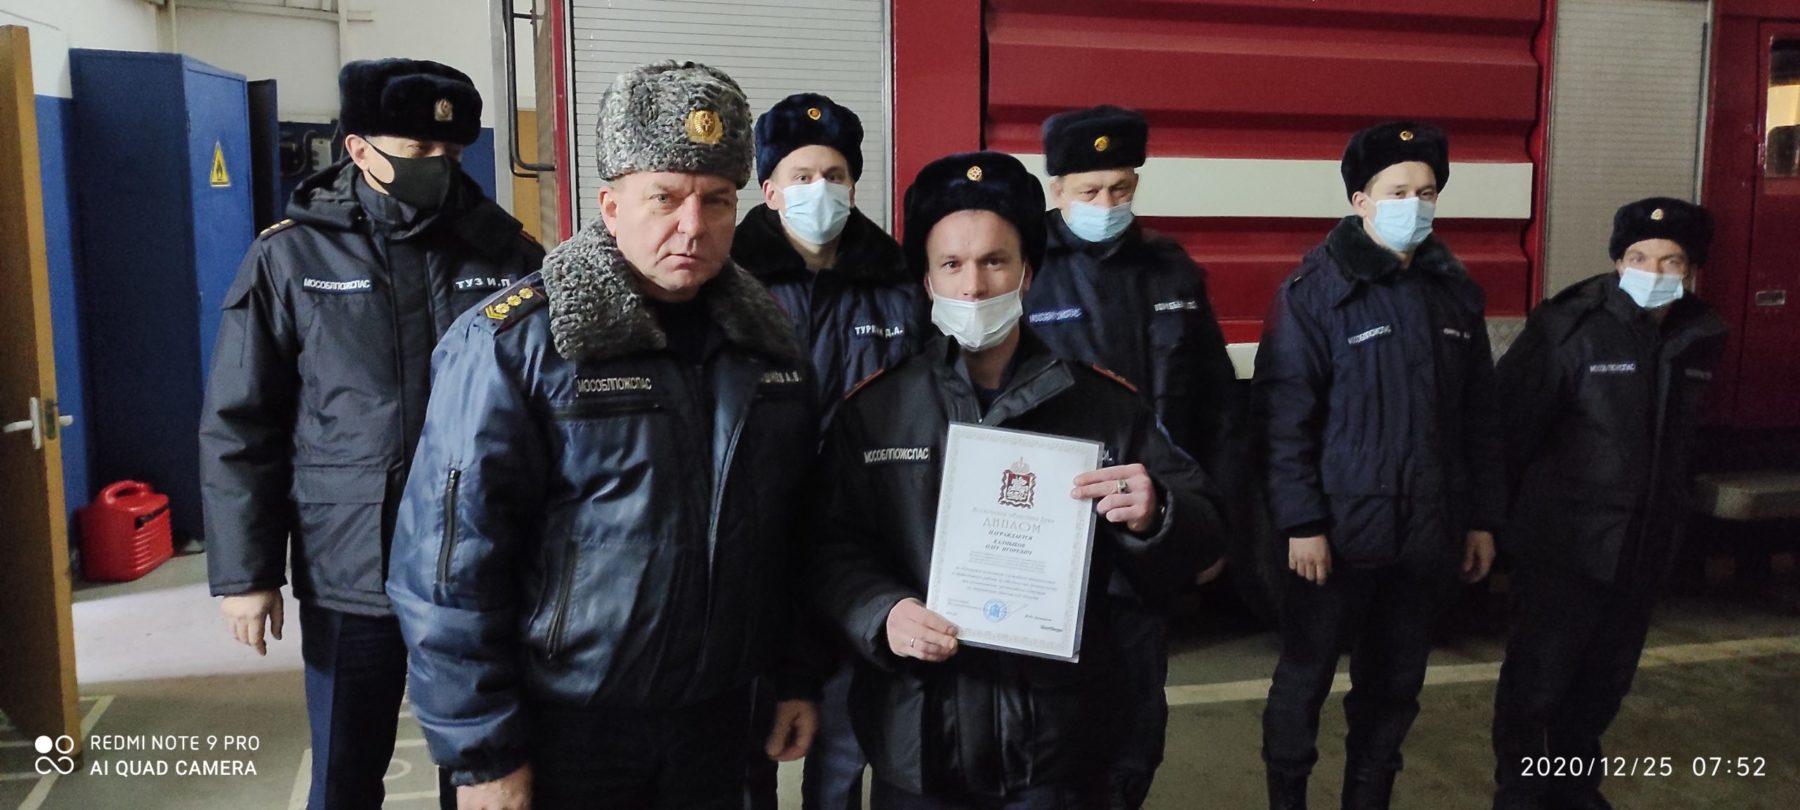 Лучших пожарных и спасателей наградили в Балашихе